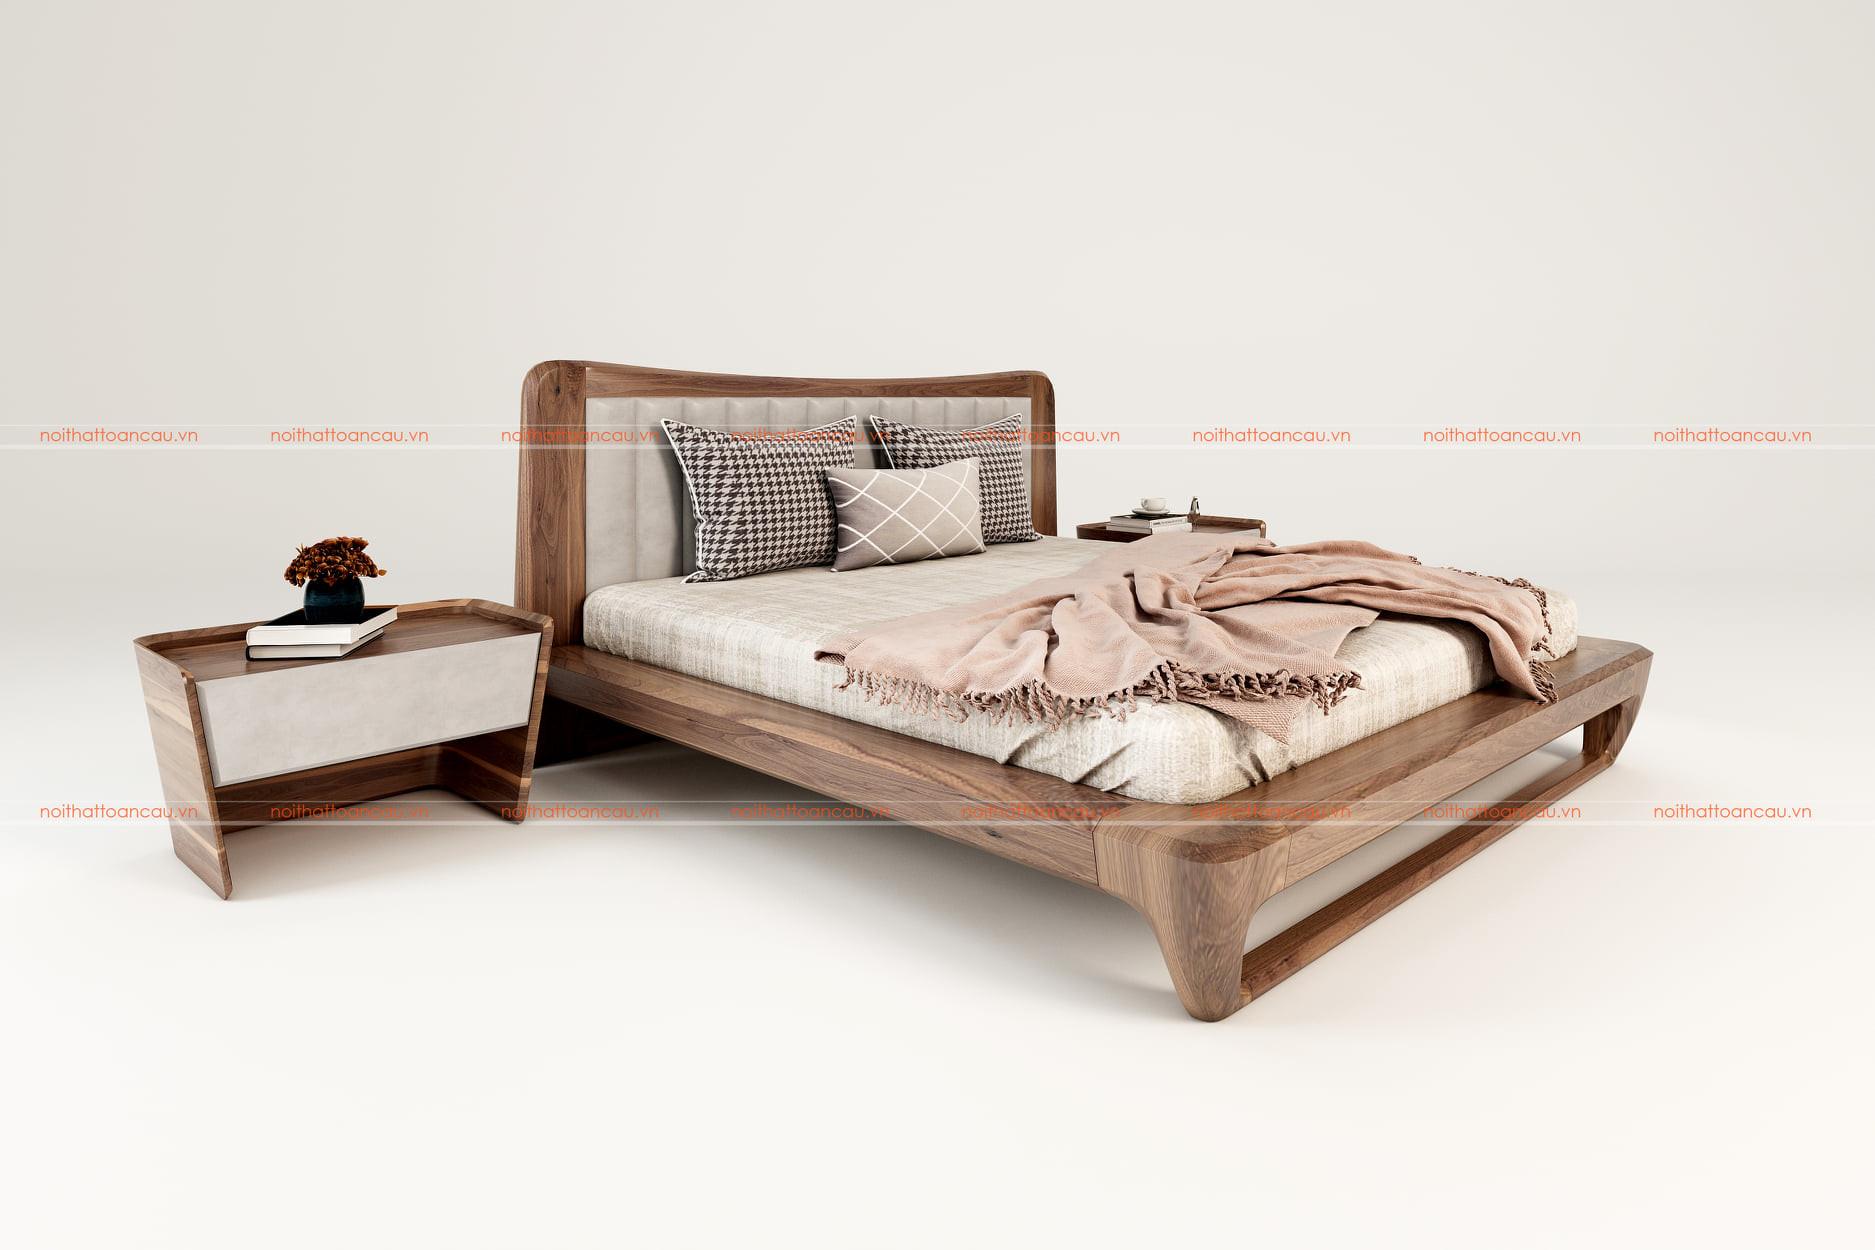 Giường ngủ gỗ óc chó tự nhiên 159 c